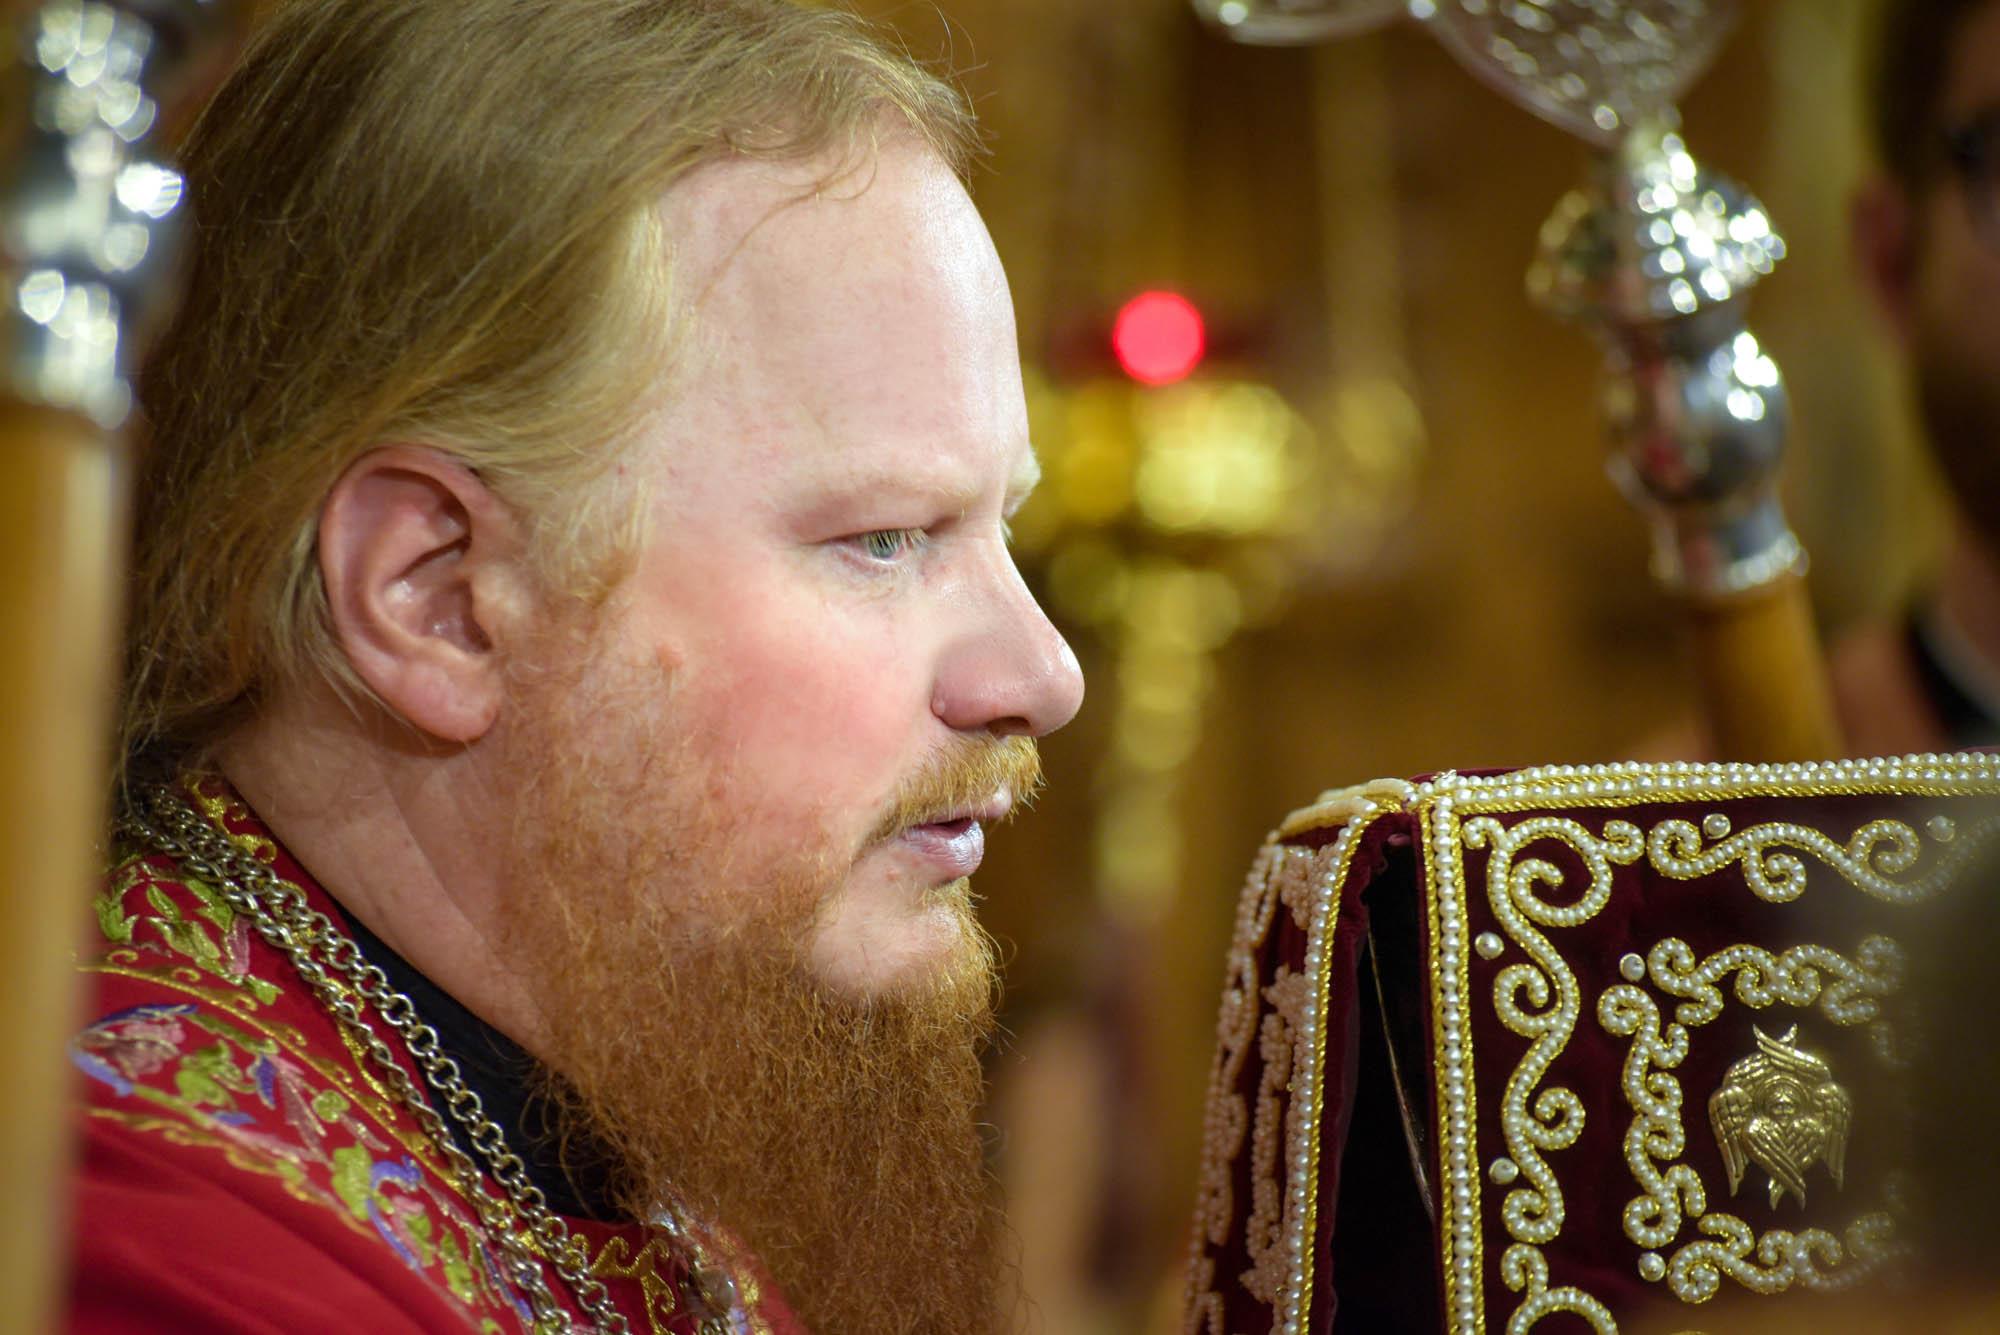 Orthodox photography Sergey Ryzhkov 9656